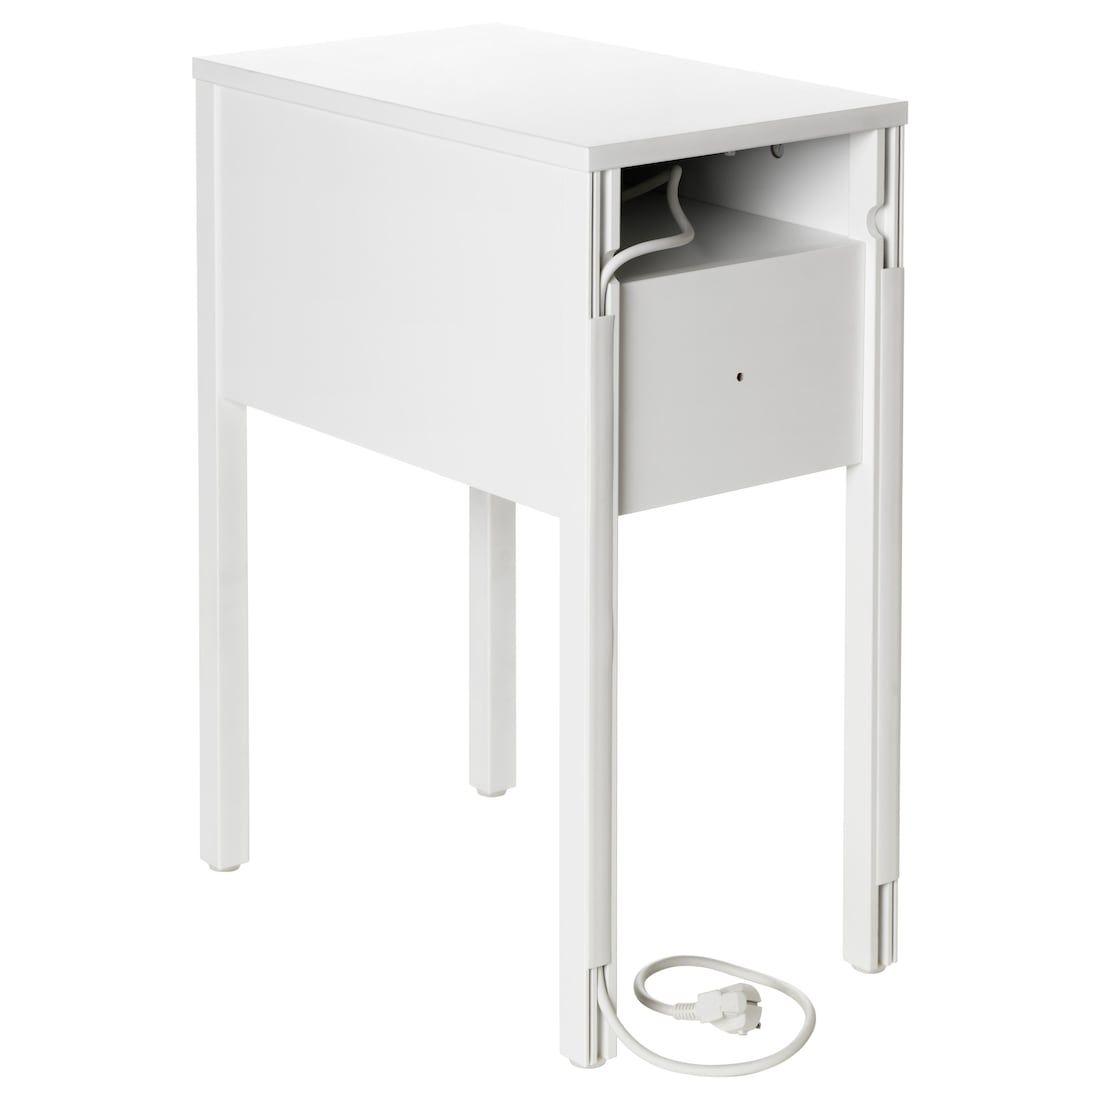 Nordli Table De Chevet Blanc 30x50 Cm En 2020 Table De Chevet Blanche Table De Chevet Table De Chevet Ikea